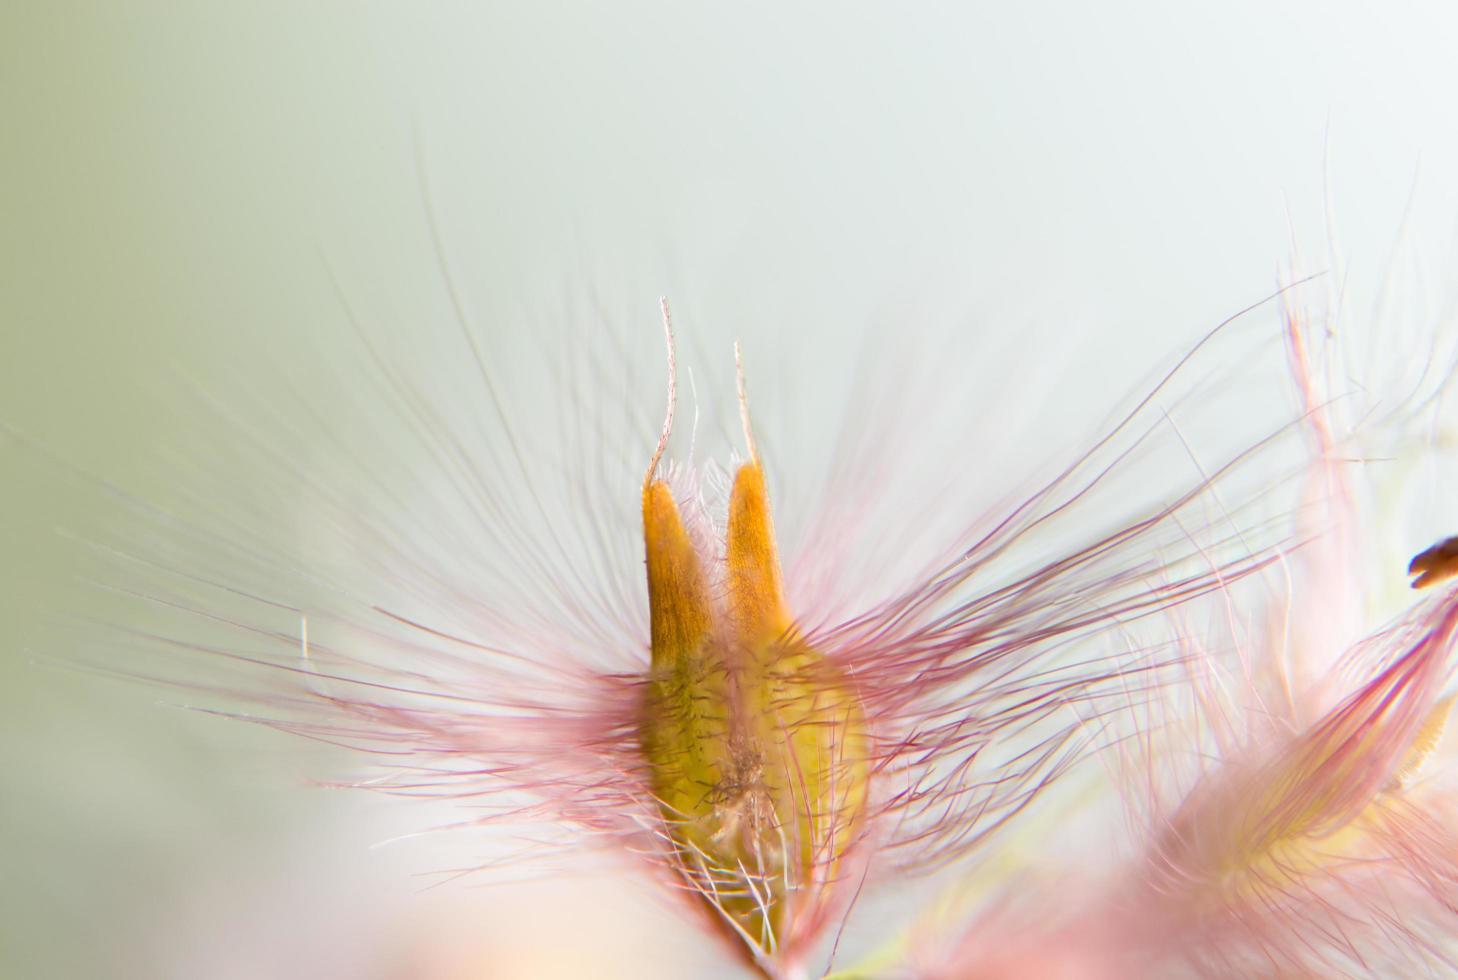 fiori selvatici, sfondo sfocato foto